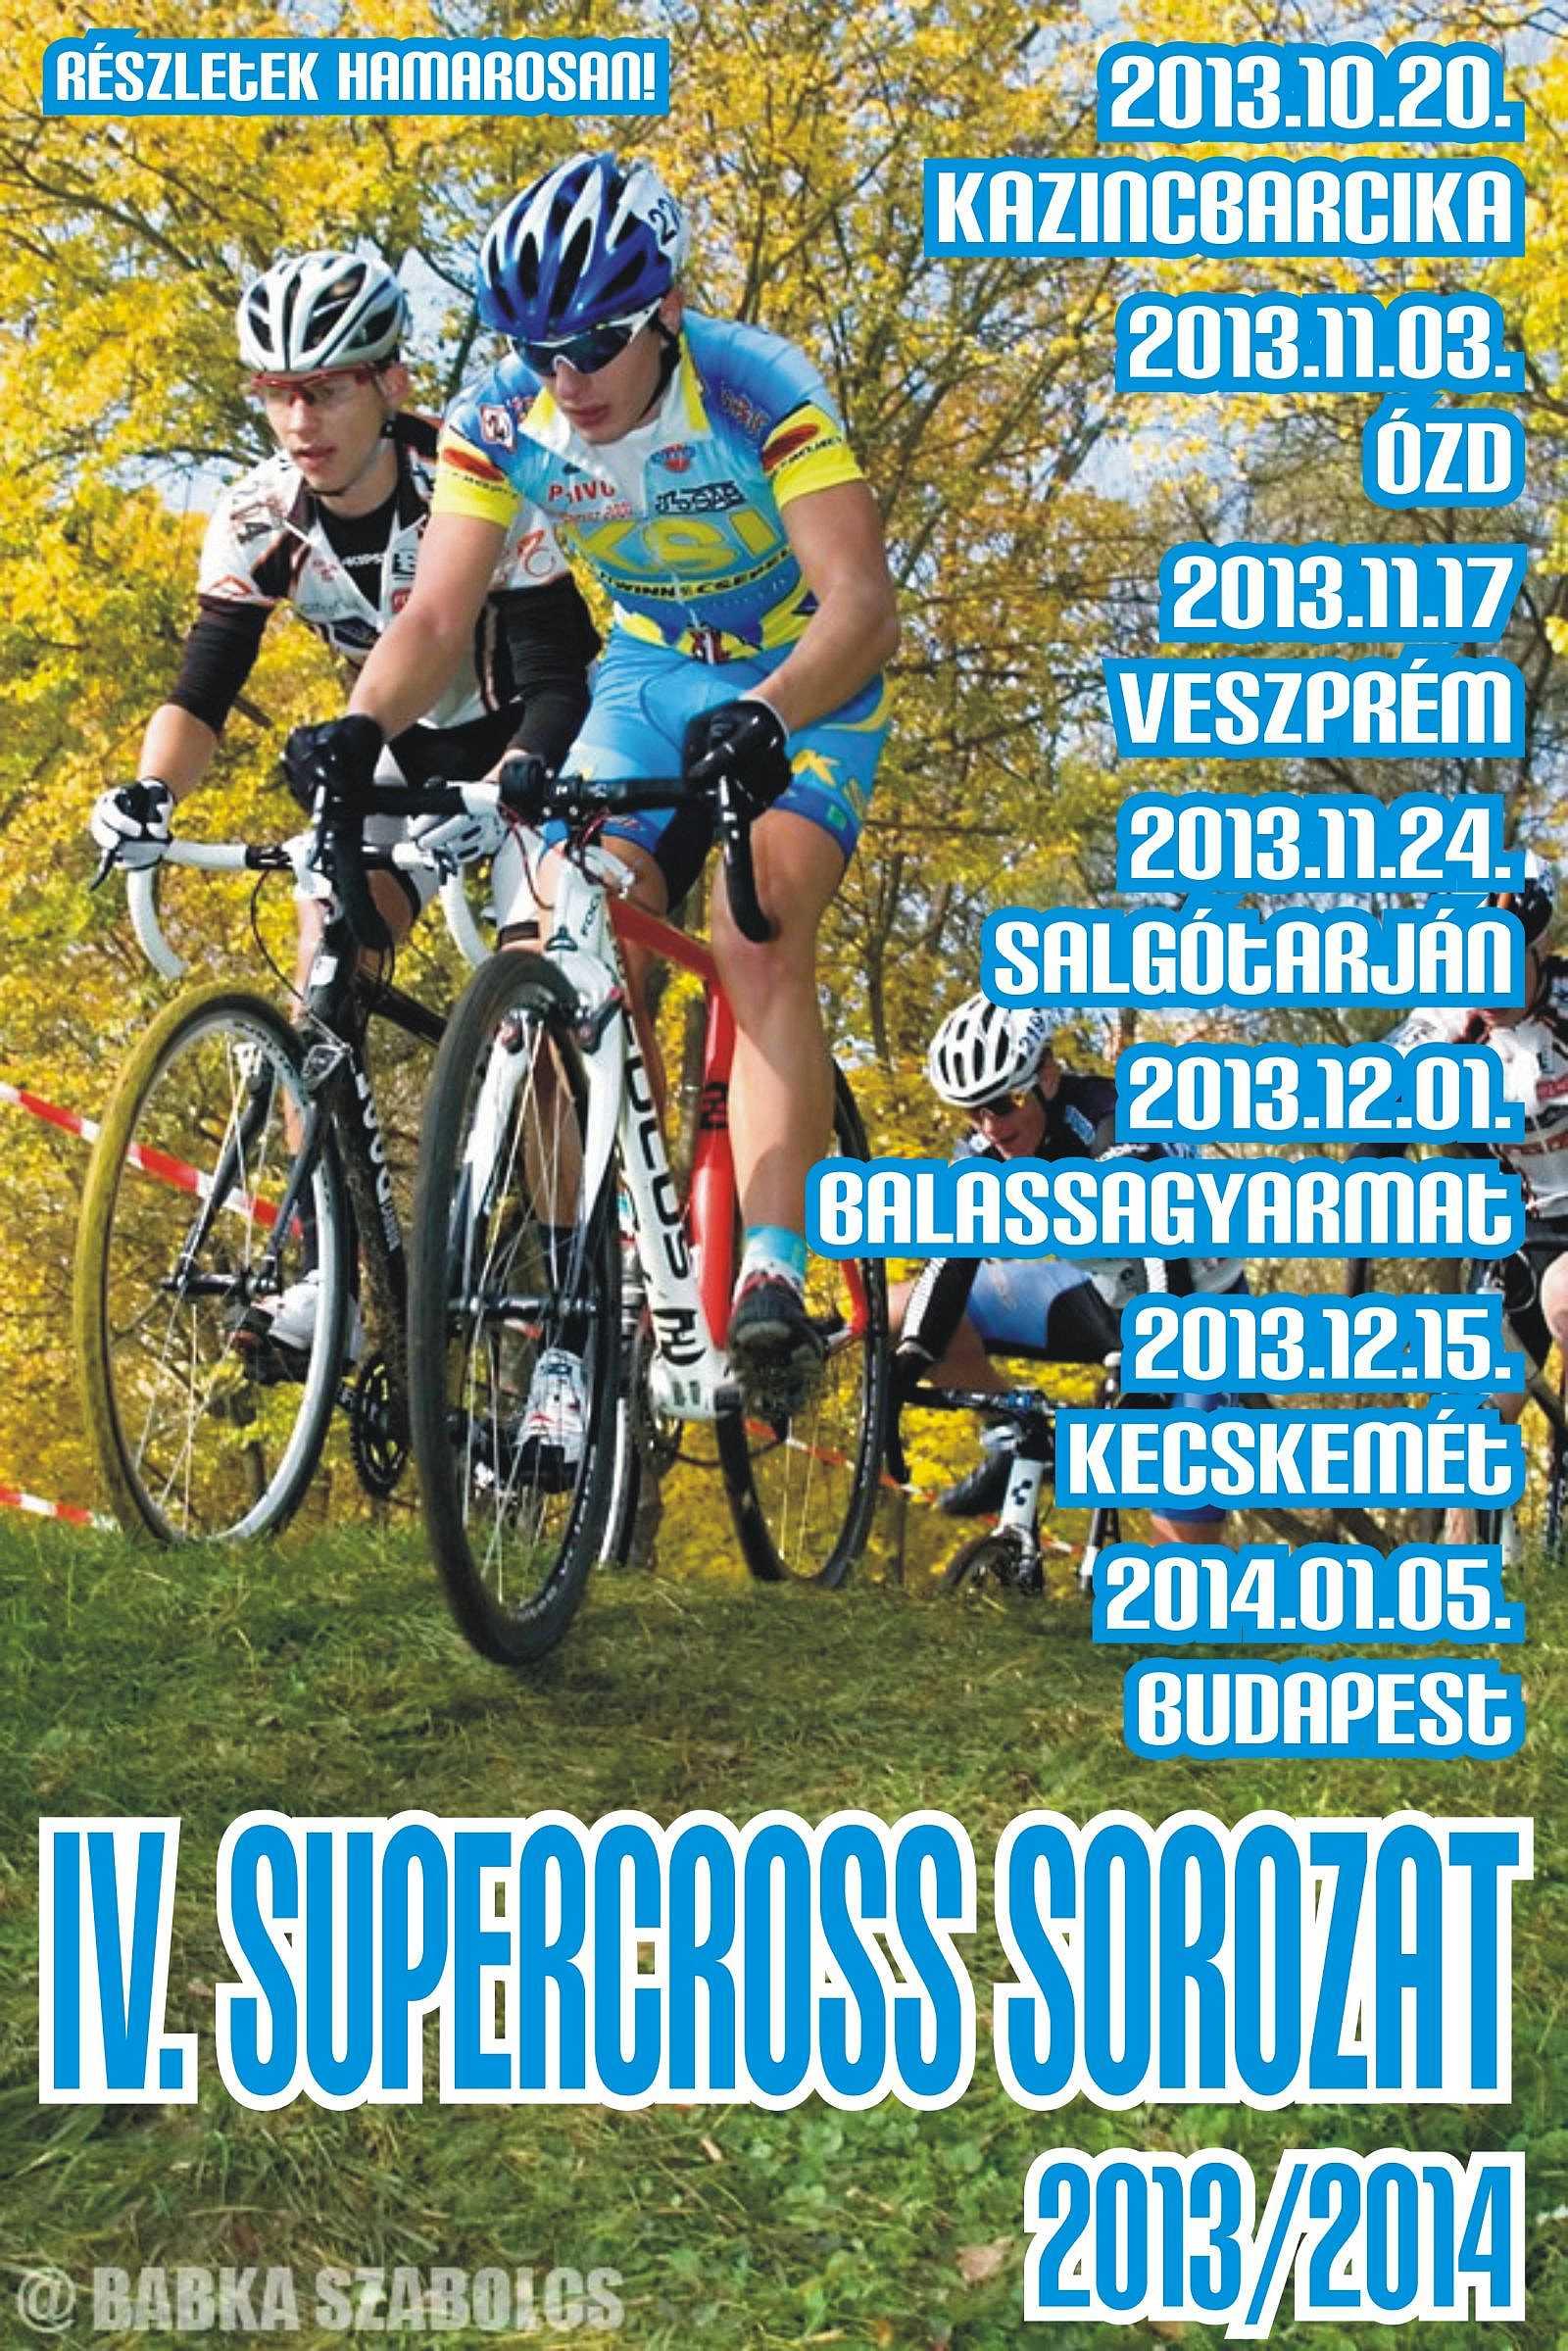 iv_supercross_2013_2014_plakat